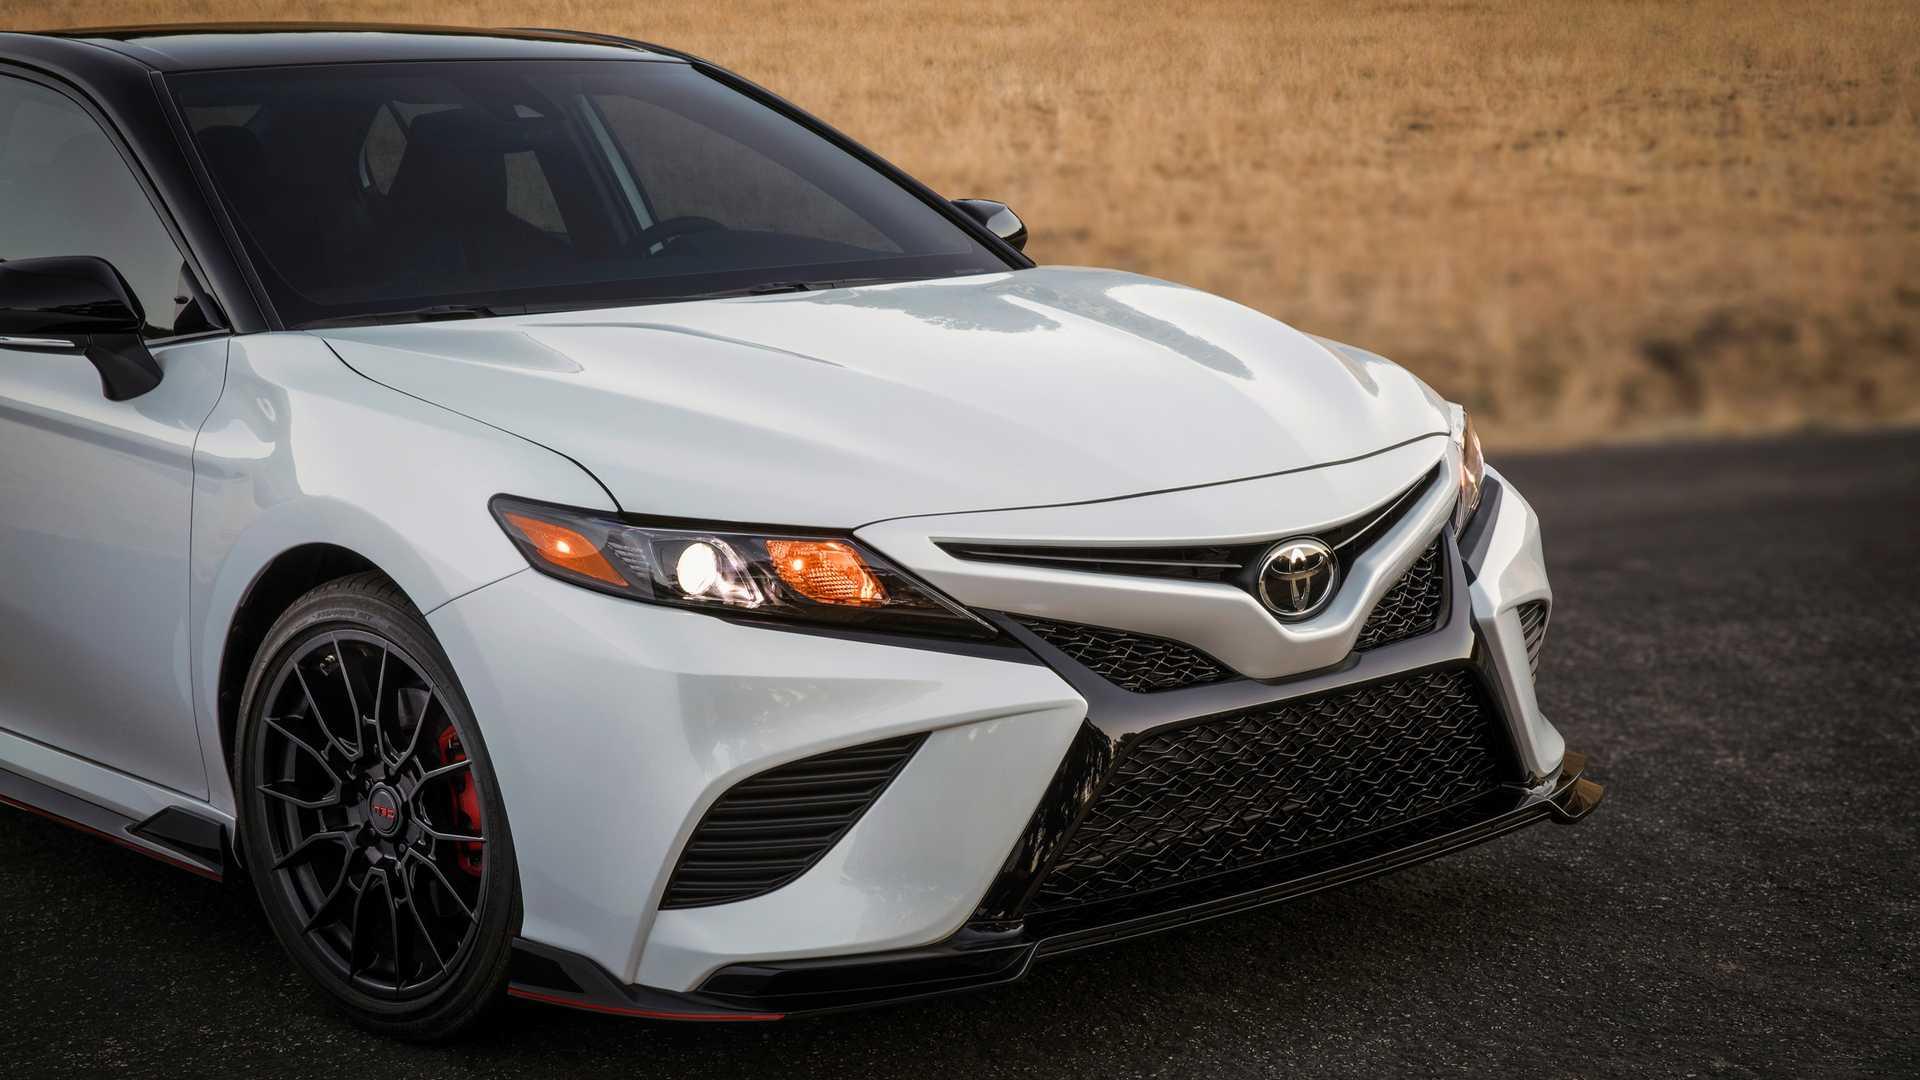 Toyota Camry TRD 2020 sản xuất giới hạn, công bố giá từ 744 triệu - 07